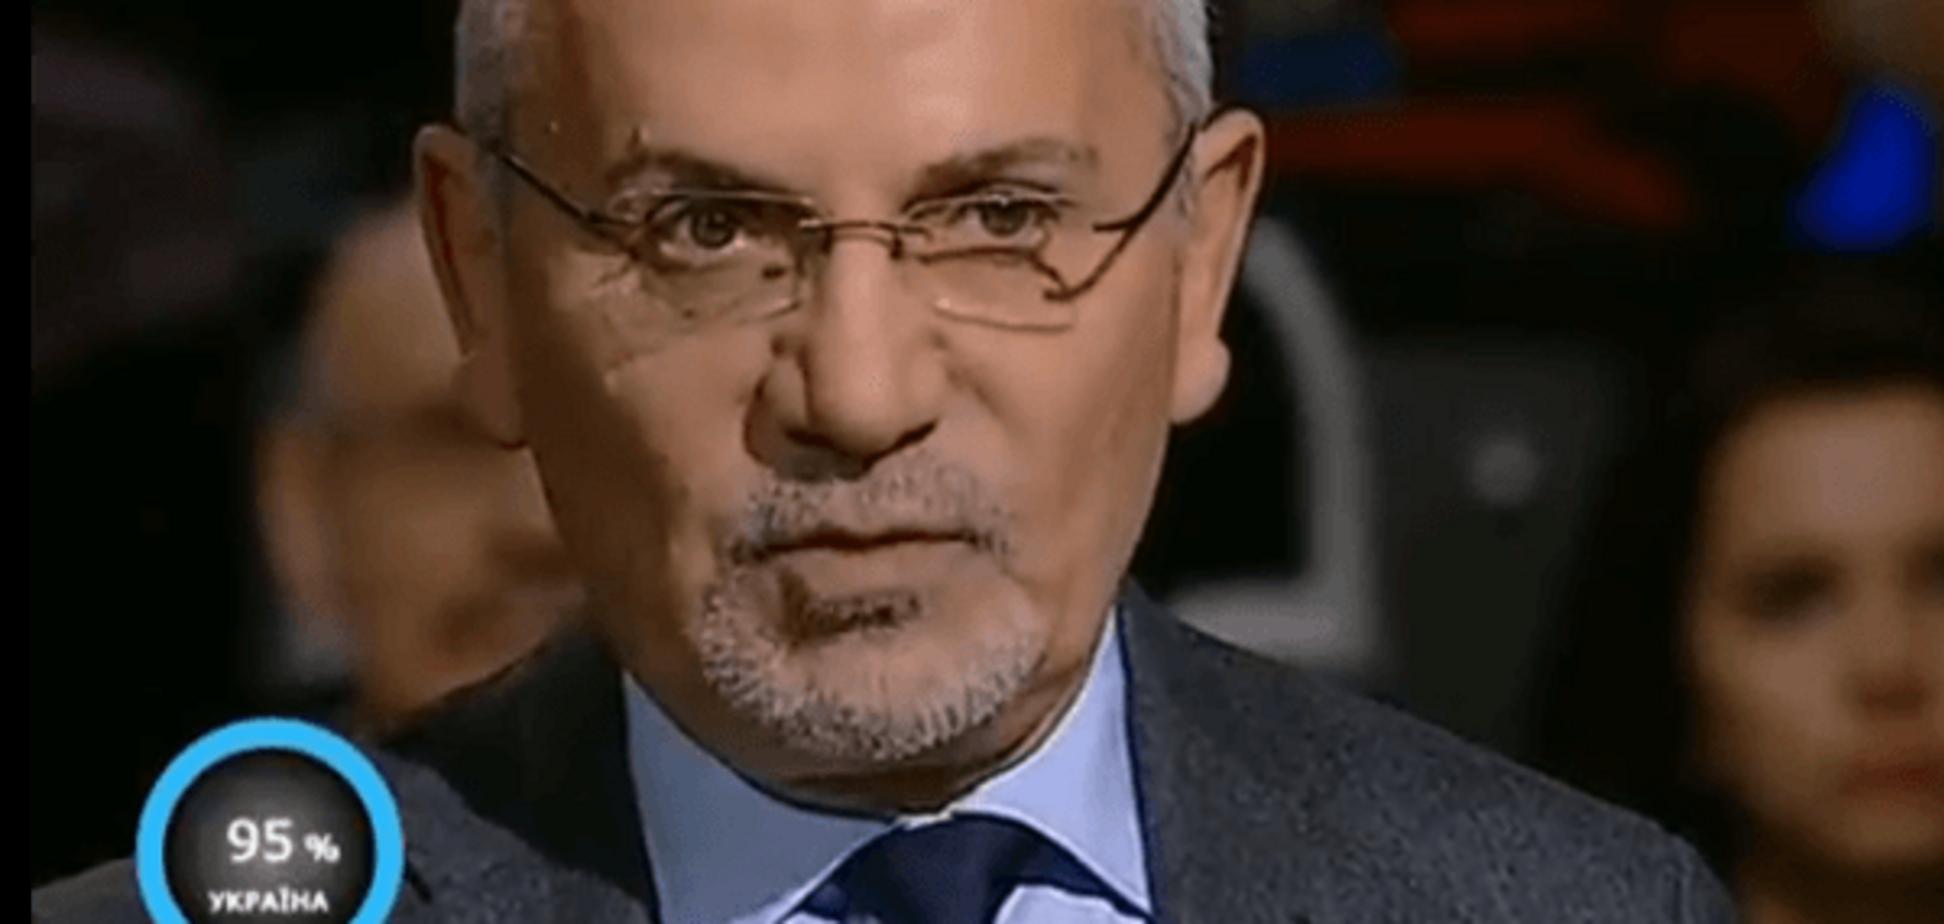 Шустер: нас обвиняют в нарушениях на сумму более 13 млн гривен